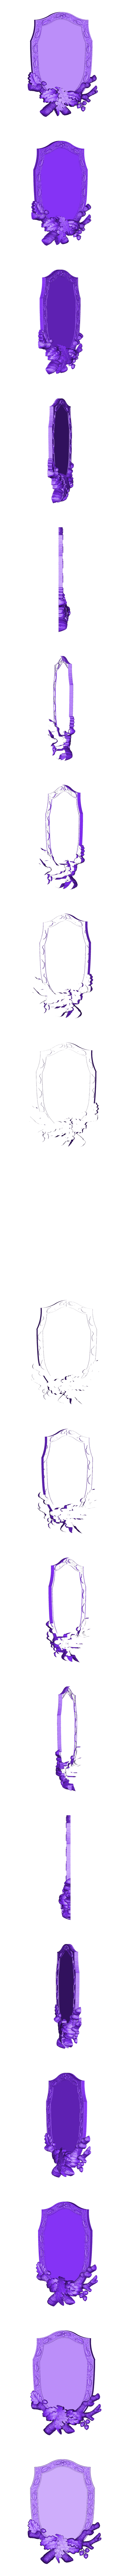 Medallion.stl Download free STL file Medallion • 3D printing object, stl3dmodel